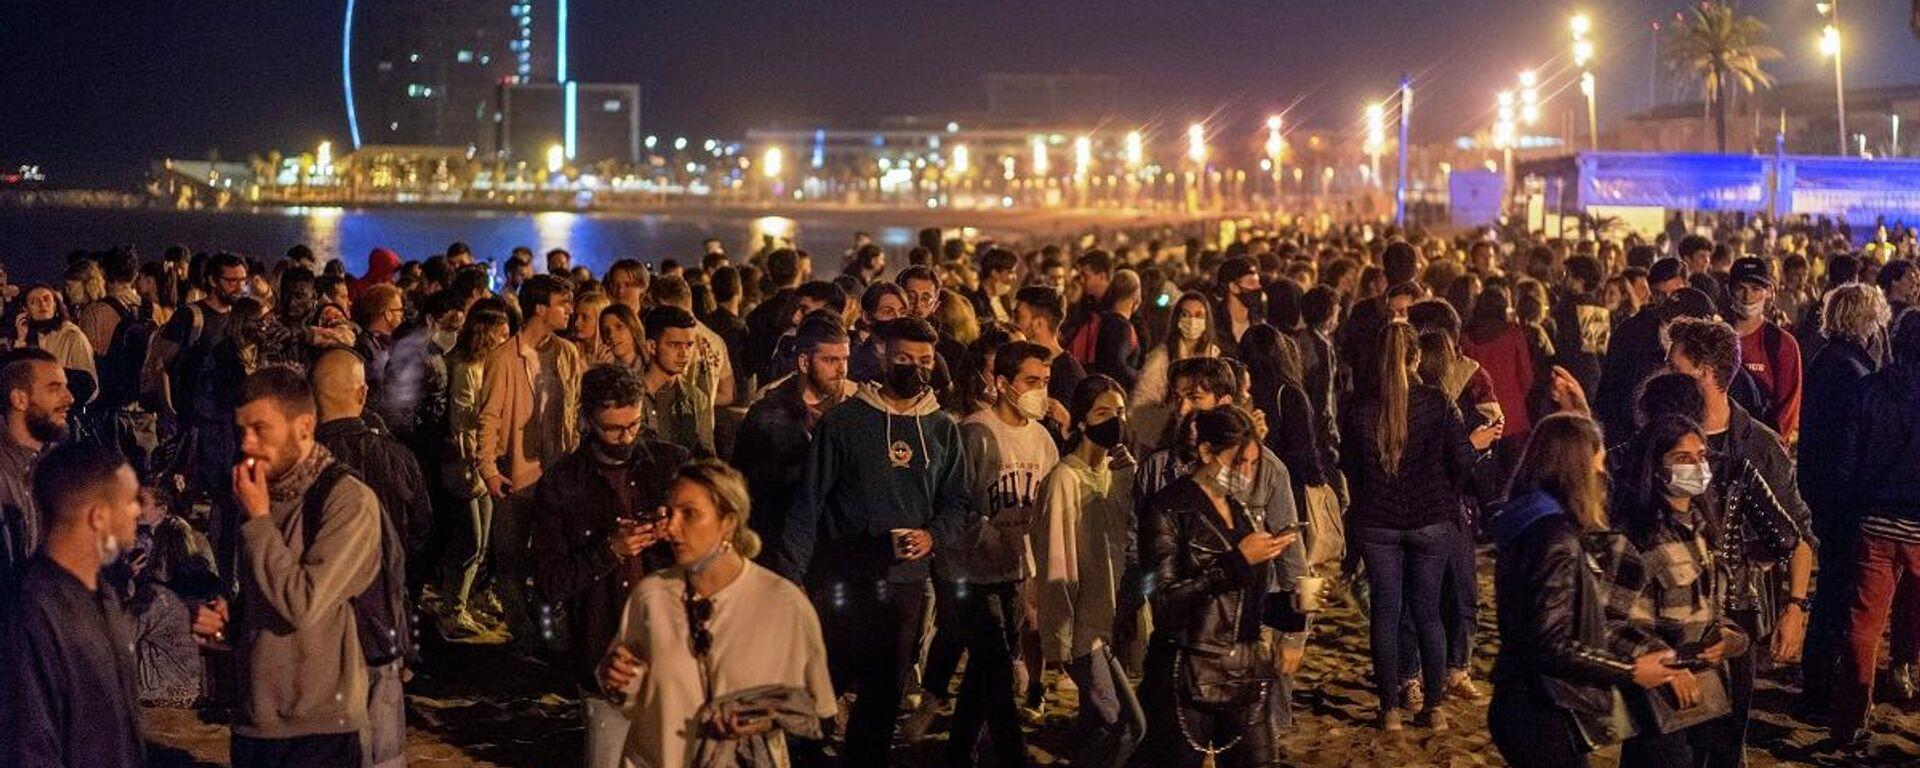 La gente concurrió a una playa de Barcelona una vez terminado el estado de alarma, España, el 9 de mayo de 2021  - Sputnik Mundo, 1920, 16.05.2021